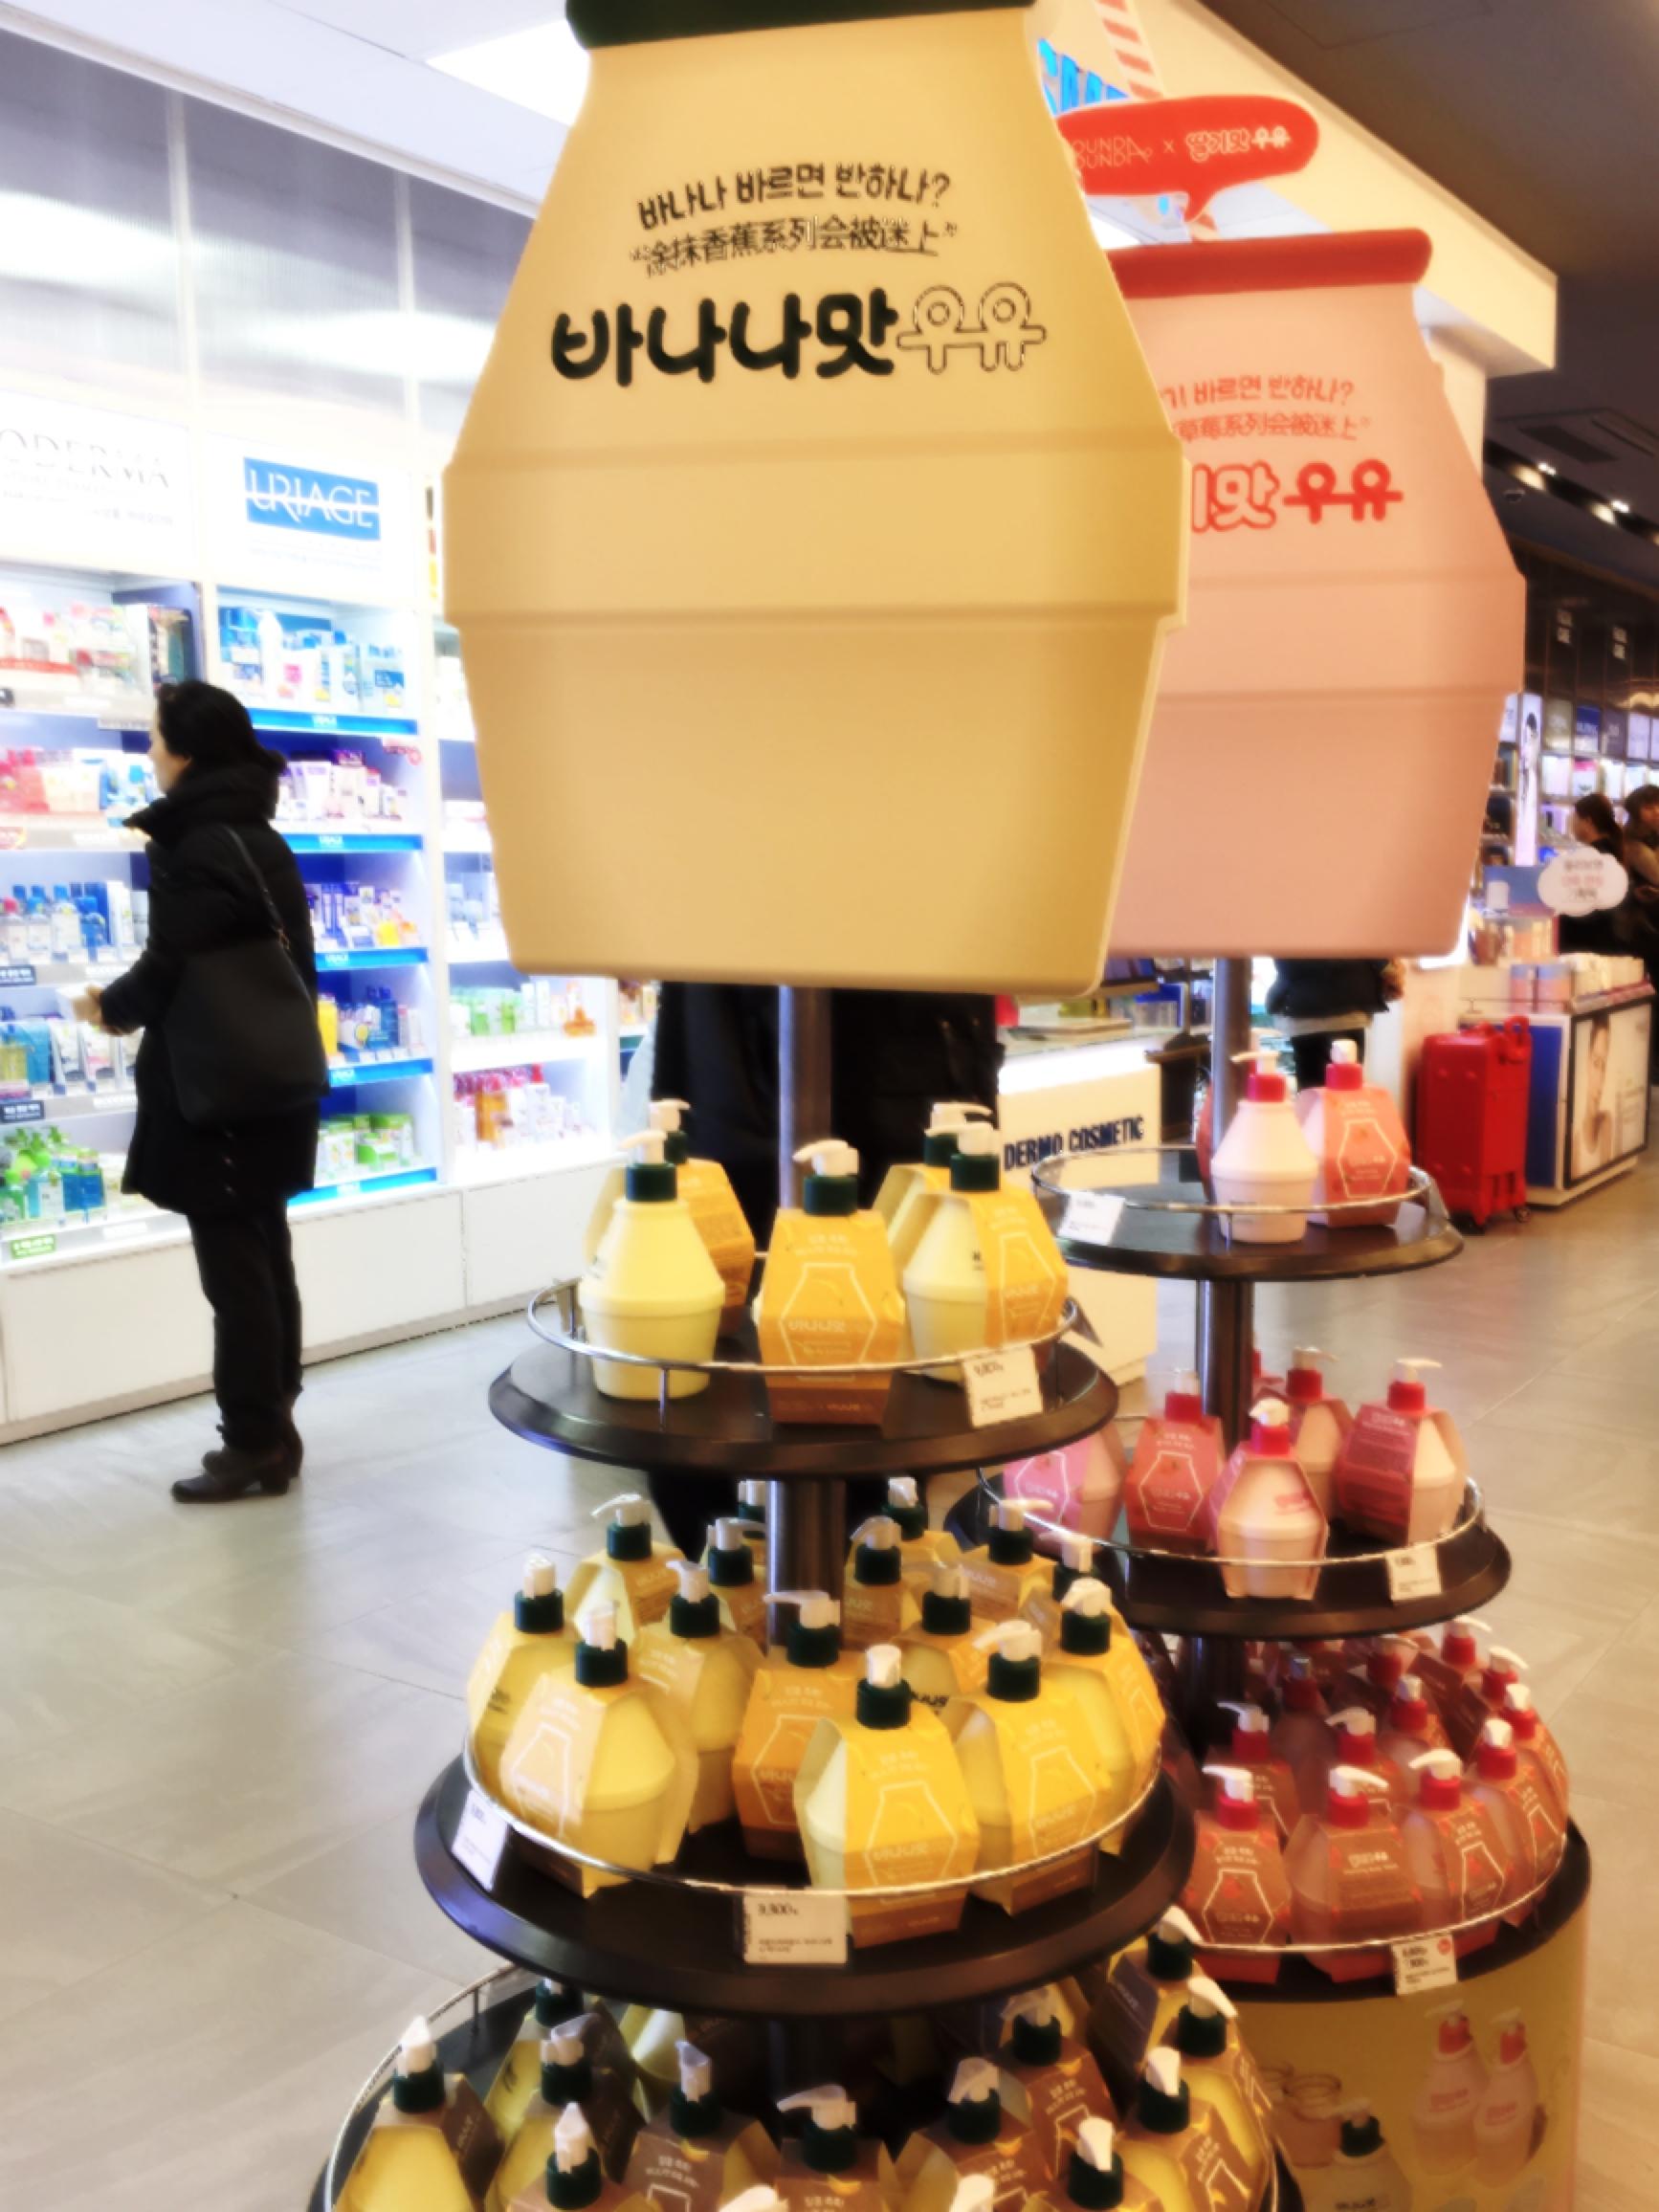 韓国で人気のドラッグストア!「OLIVEYOUNG / オリーブヤング」のパナナウユシリーズ